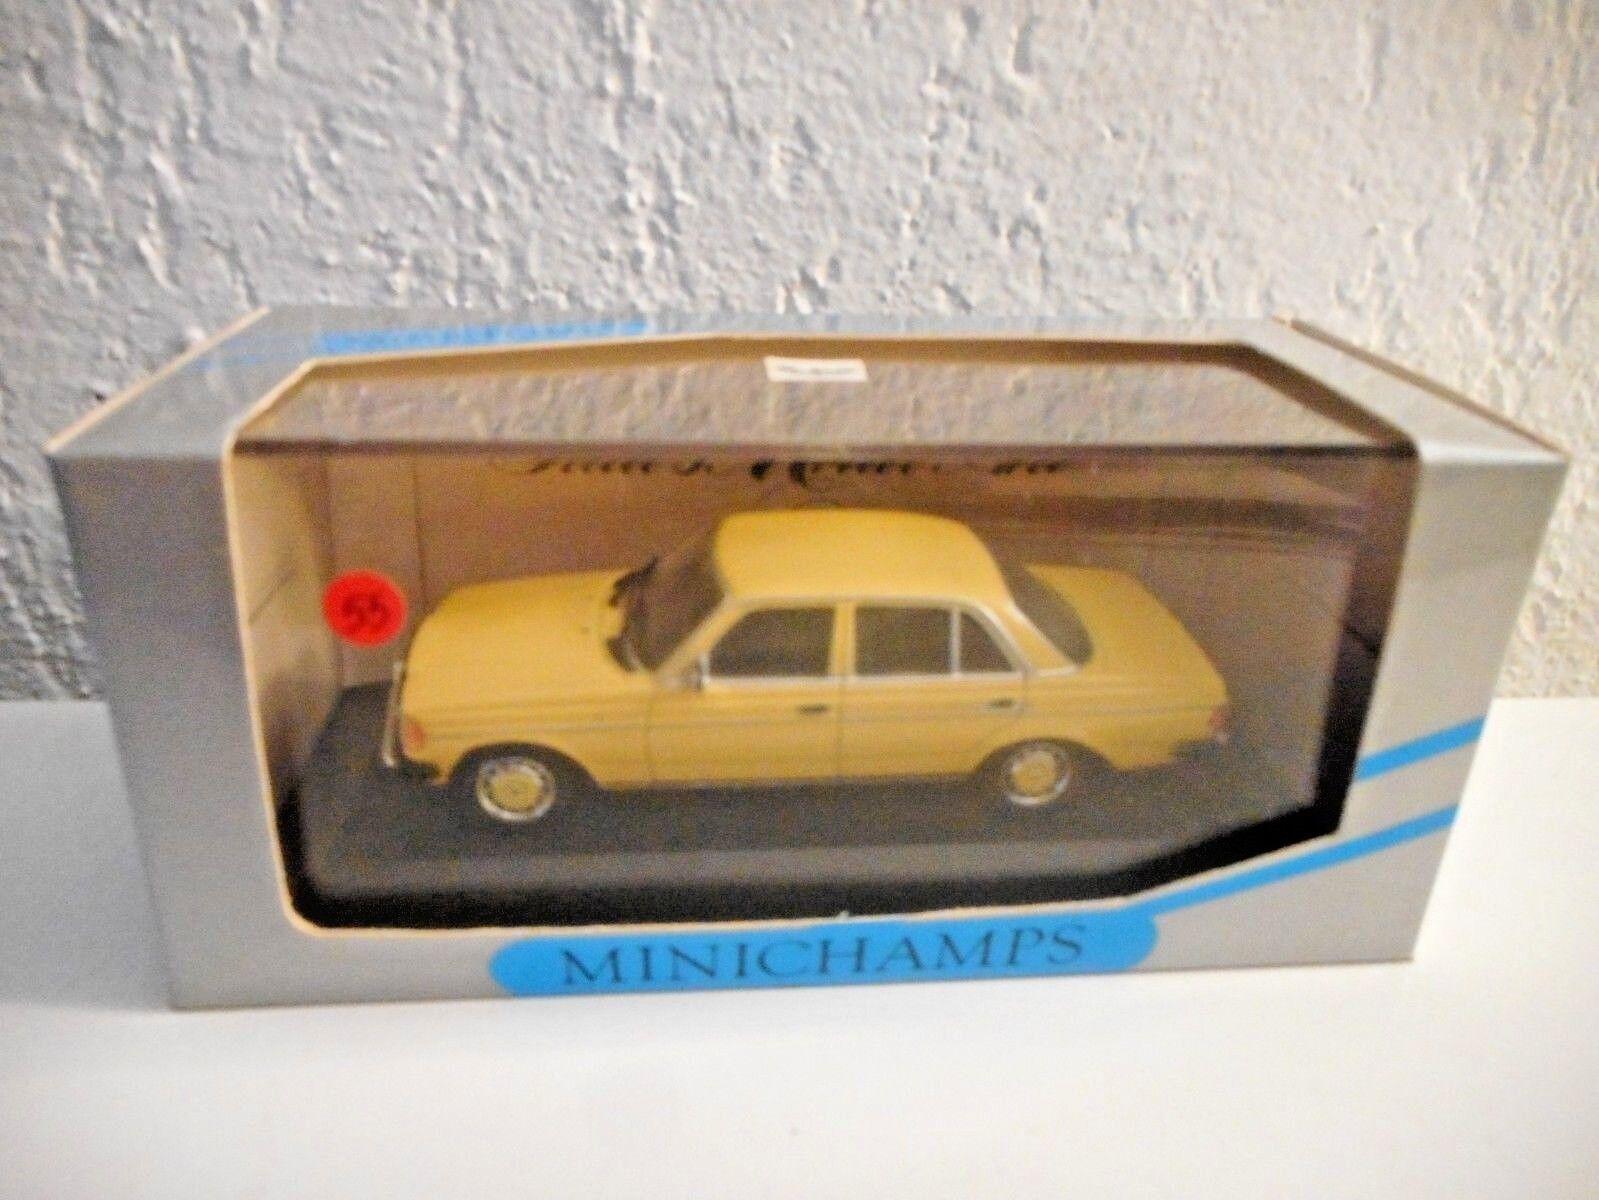 MINICHAMPS  1 43 vintage mercedes  w 123 limousine 200D N°55 de 100 mis en vente